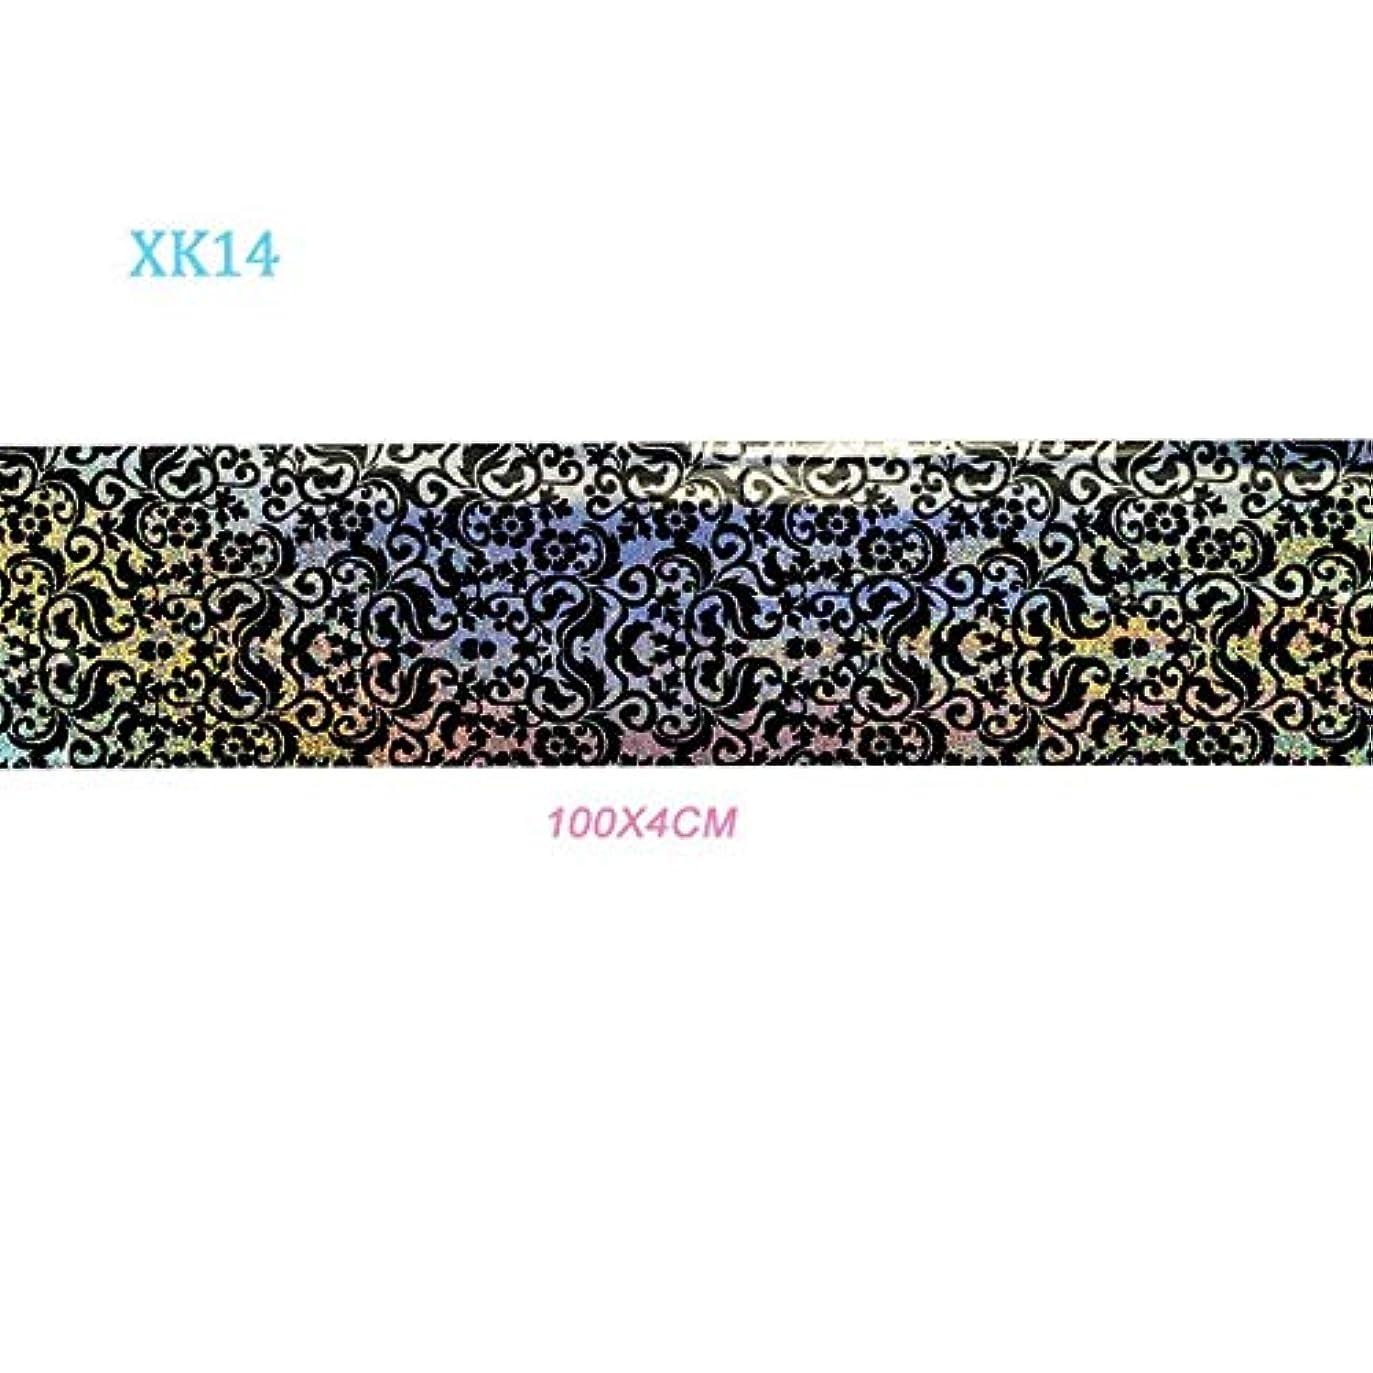 慣性線形現像SUKTI&XIAO ネイルステッカー 1ピース100×4センチメートル黒レース花ネイルアート転送箔ステッカーデカール接着剤マニキュア装飾Diyのヒントツール